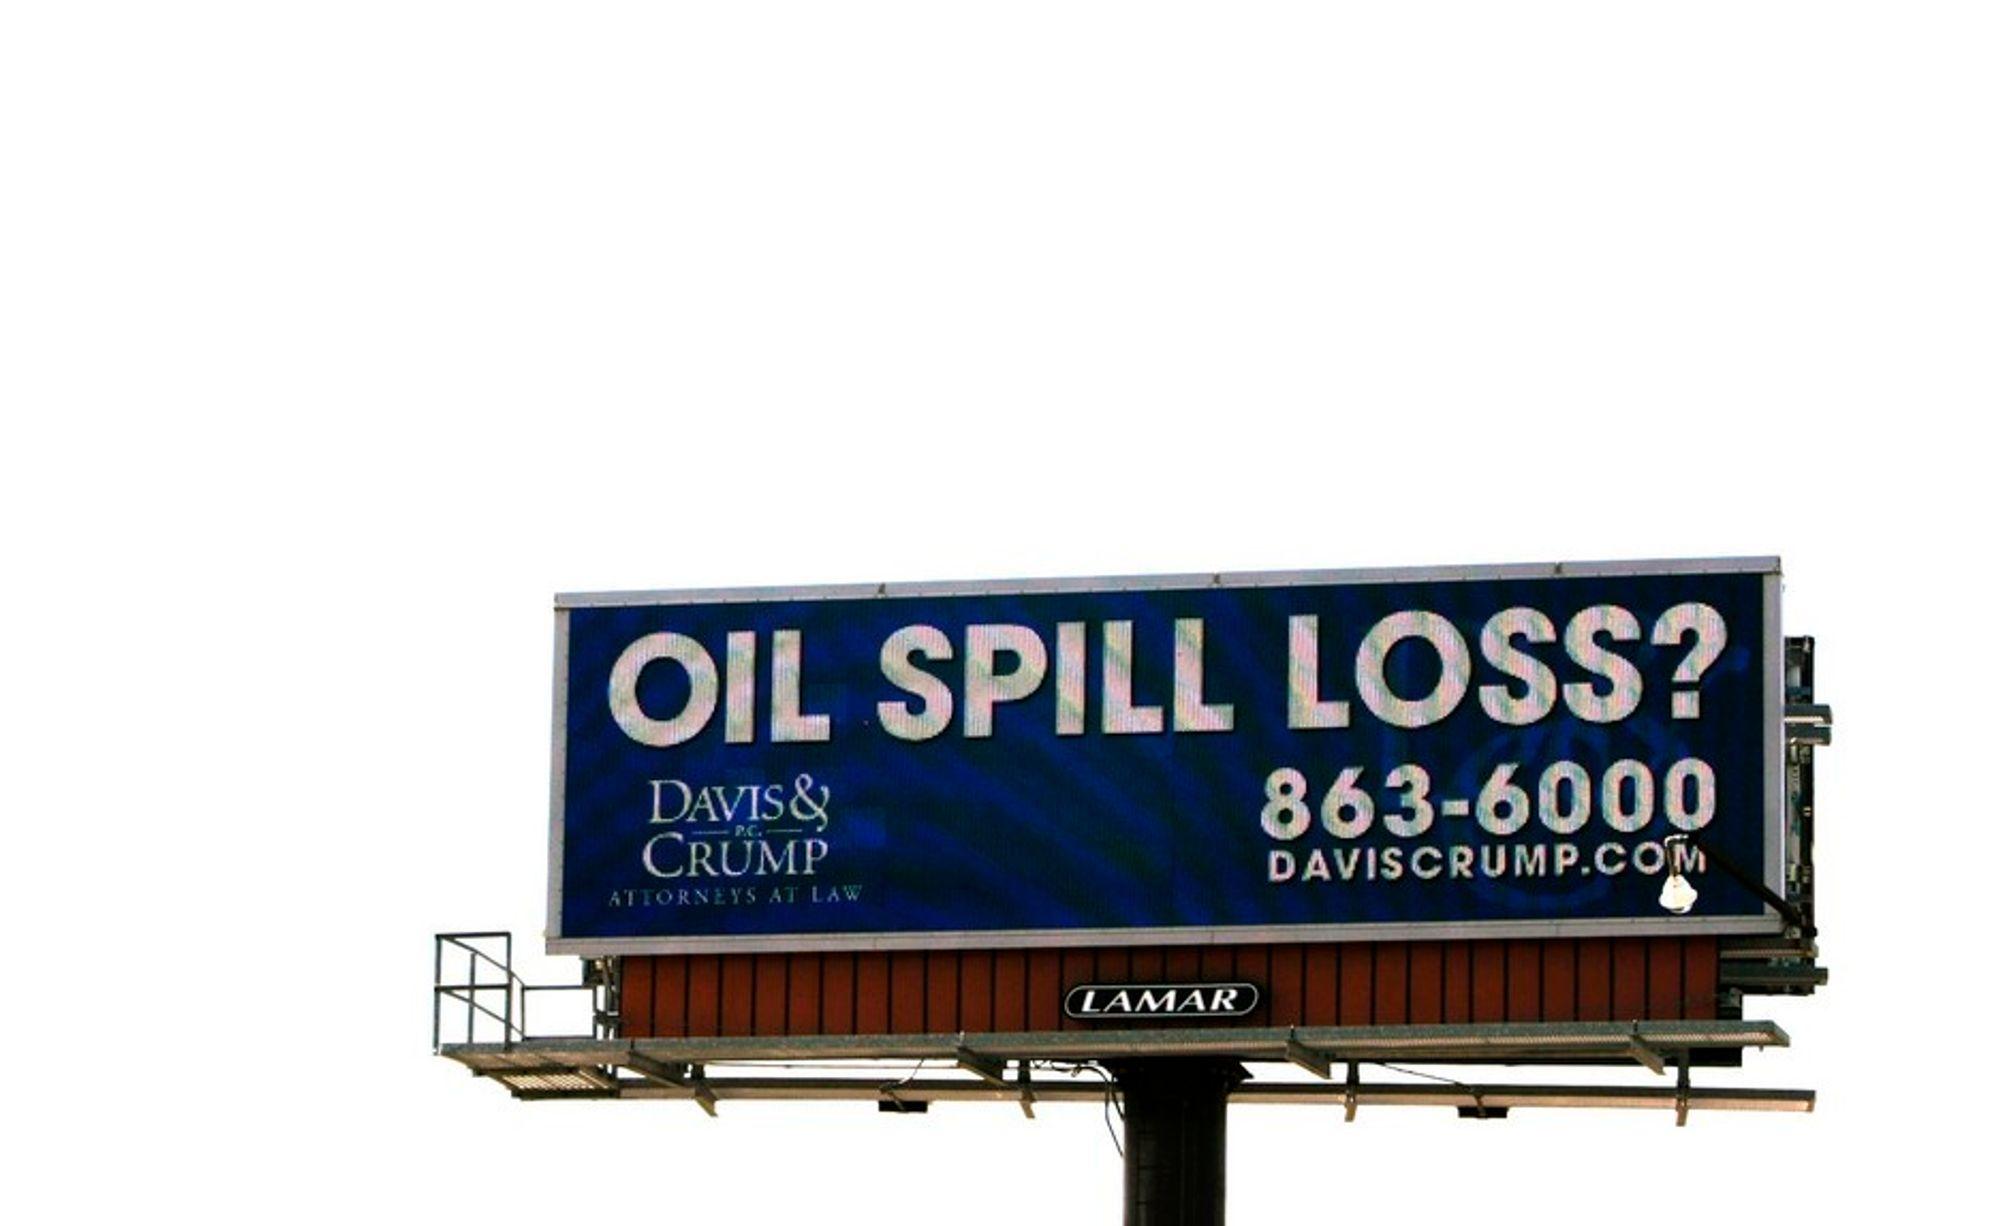 Et advokatfirma i delstaten Mississippi har utplassert et gigantisk reklameskilt der det oppfordres til å ta kontakt om man har lidd tap som følge av oljekatastrofen i Mexicogolfen. Selskapene som er involvert i oljelekkasjen, peker på hverandre når skylden skal fordeles.